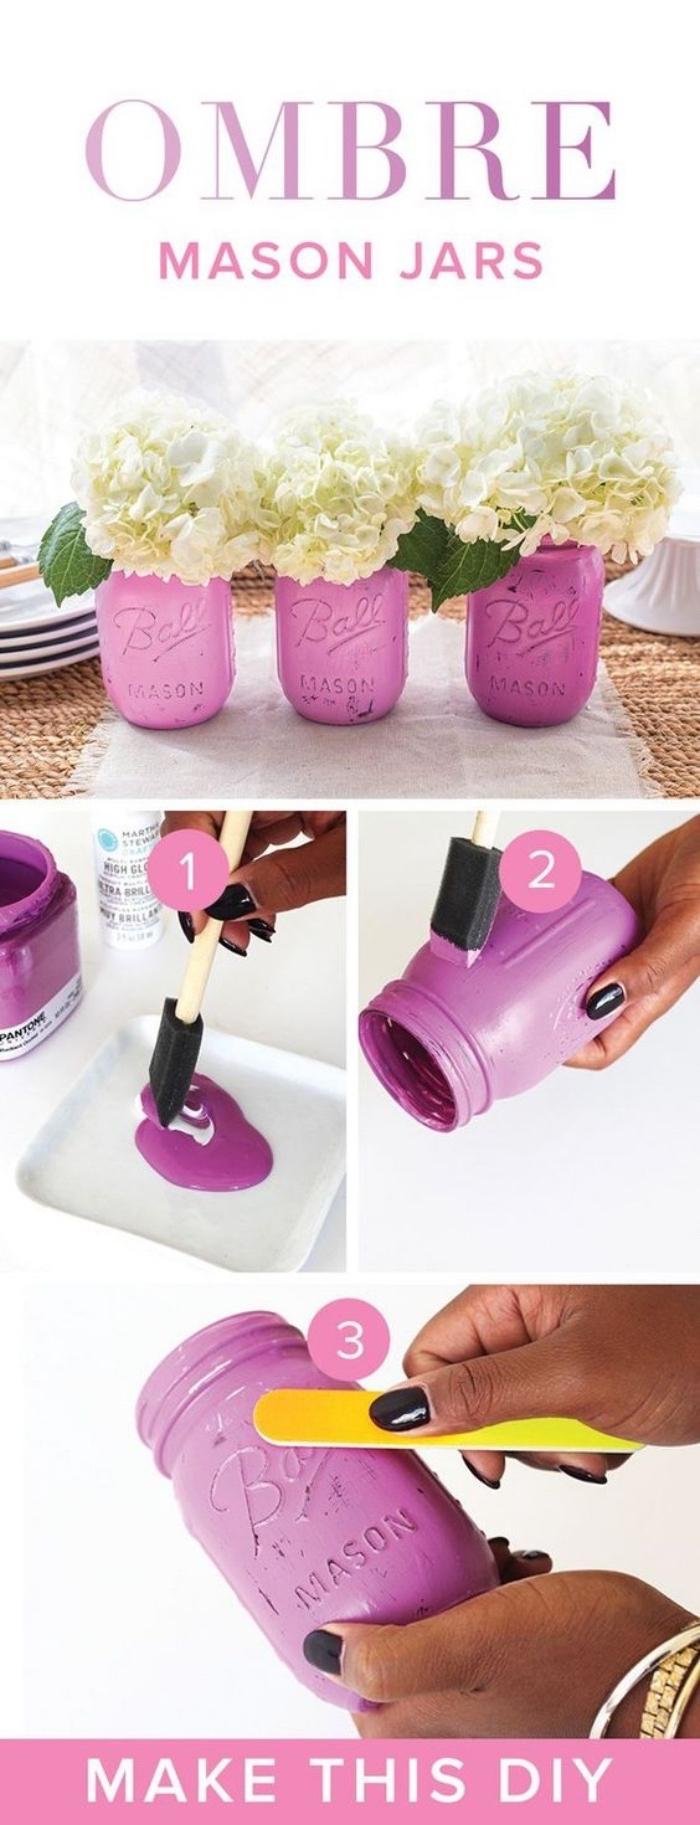 idée comment fabriquer un vase de fleur, effet ombré, peinture couleur lilas, bouquet de fleurs blanches, activité créativé été, centre de table floral